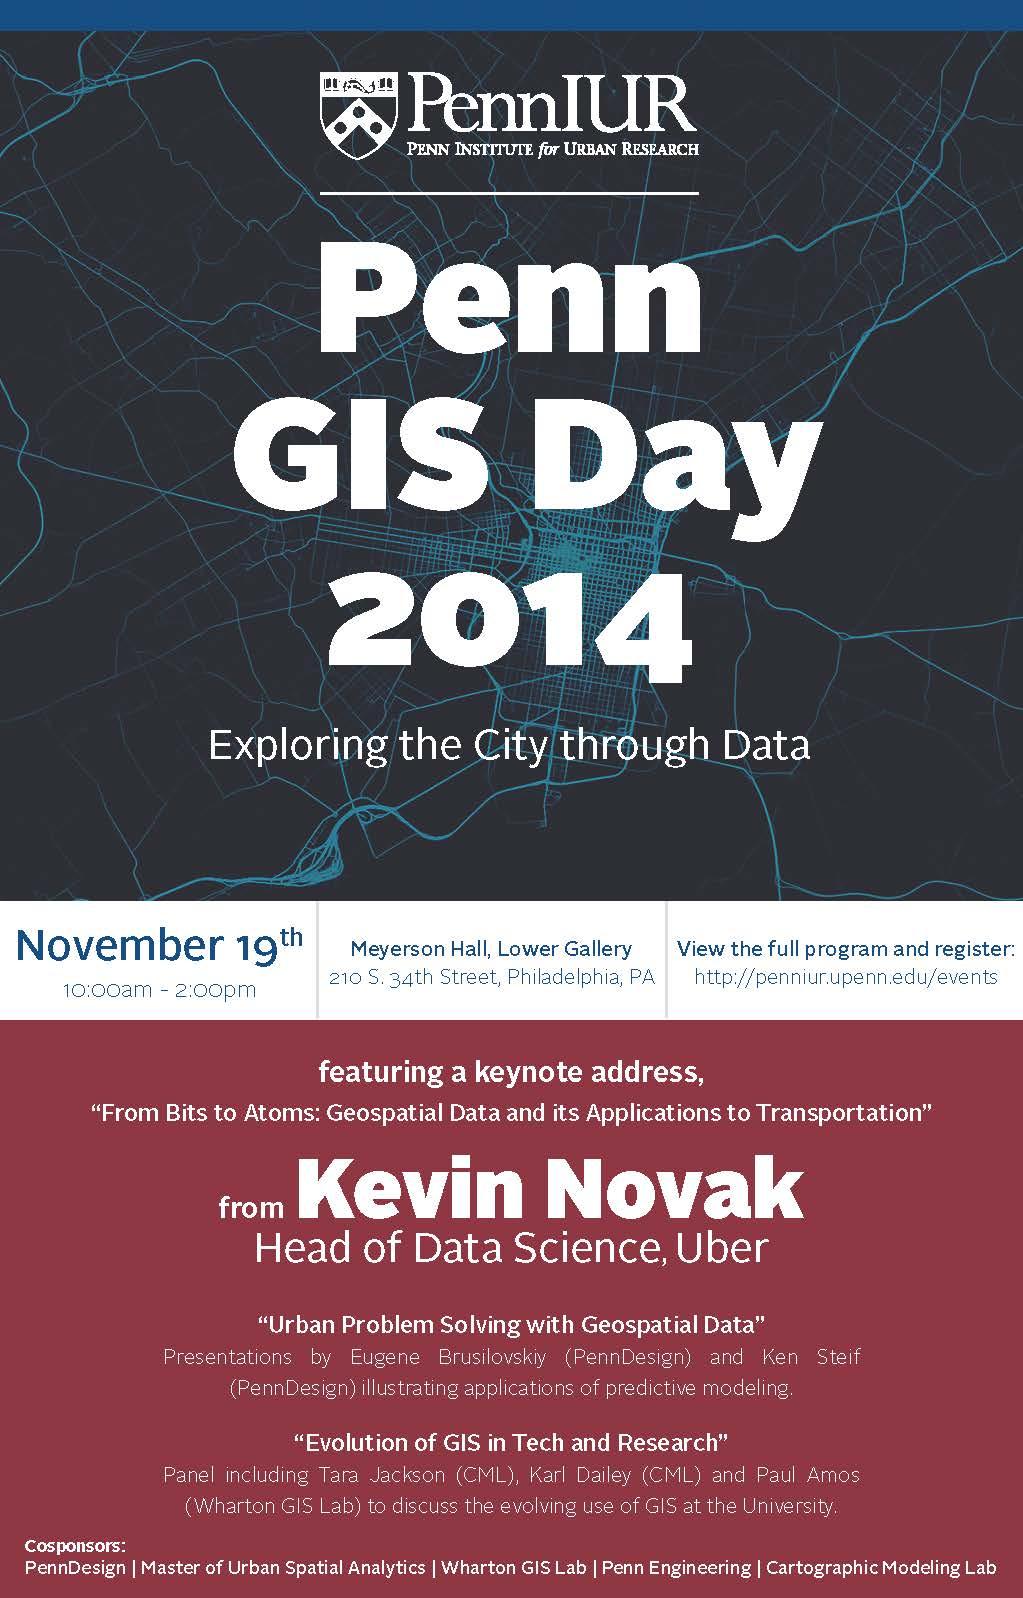 Poster for Penn GIS Day 2014